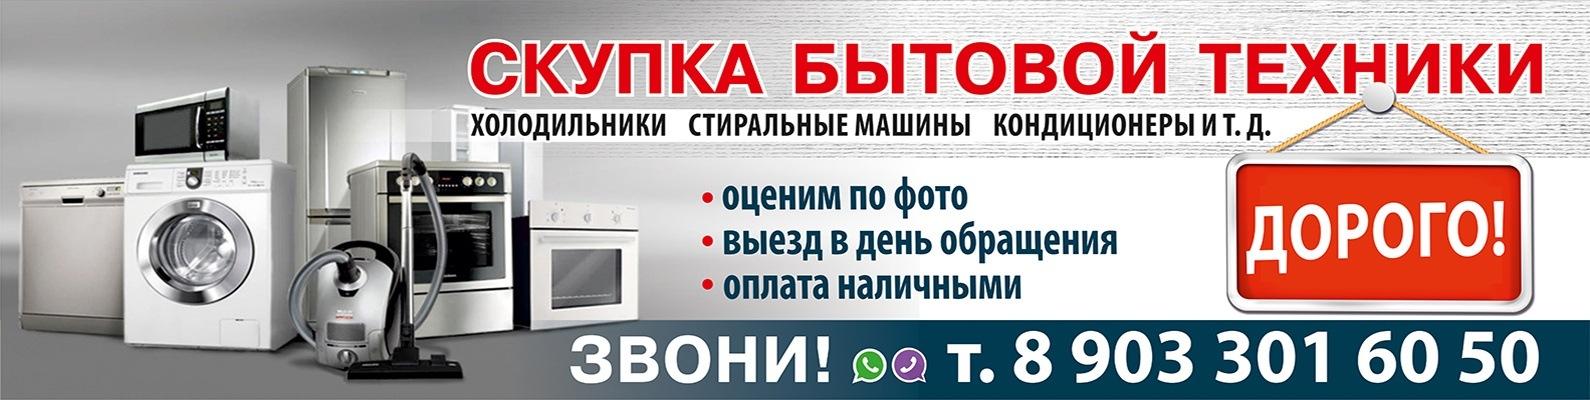 Утилизация холодильников самара vk обслуживание кондиционеров в домашних условиях